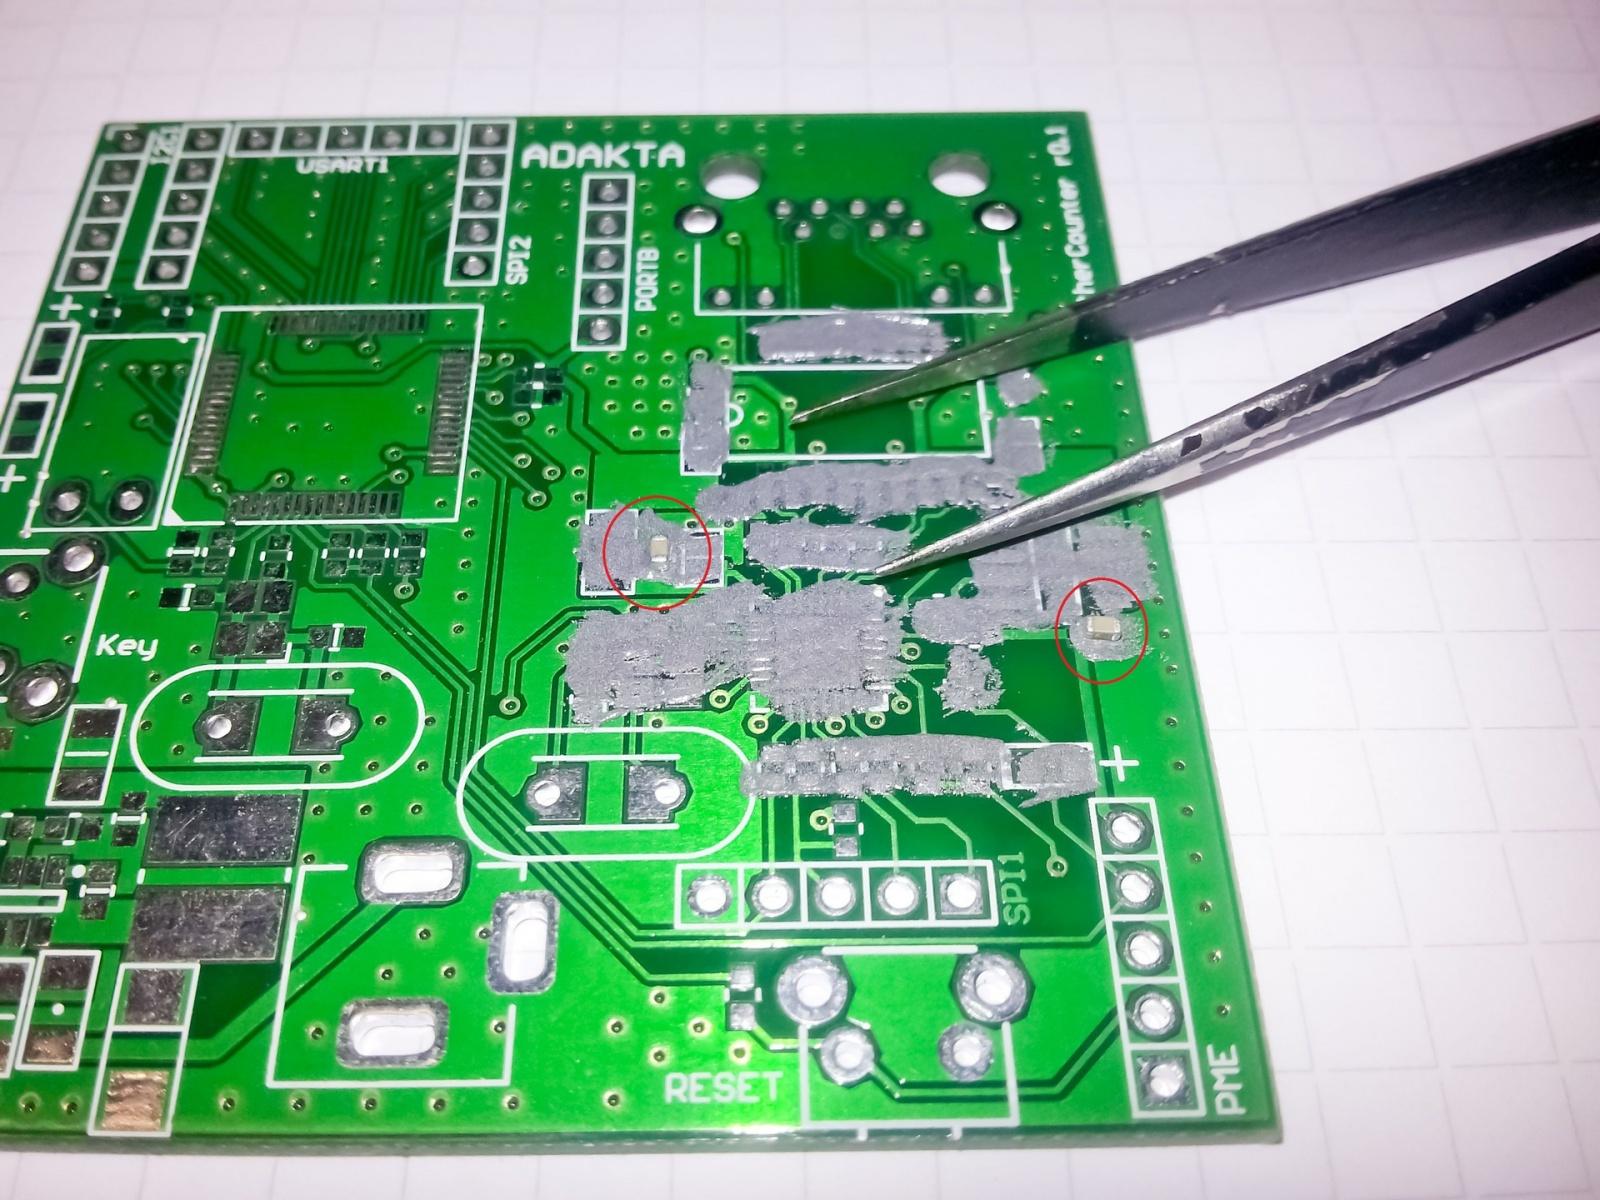 Ручной монтаж сложных плат на компонентах 0402, 0603, QFN, LQFP и THT - 10